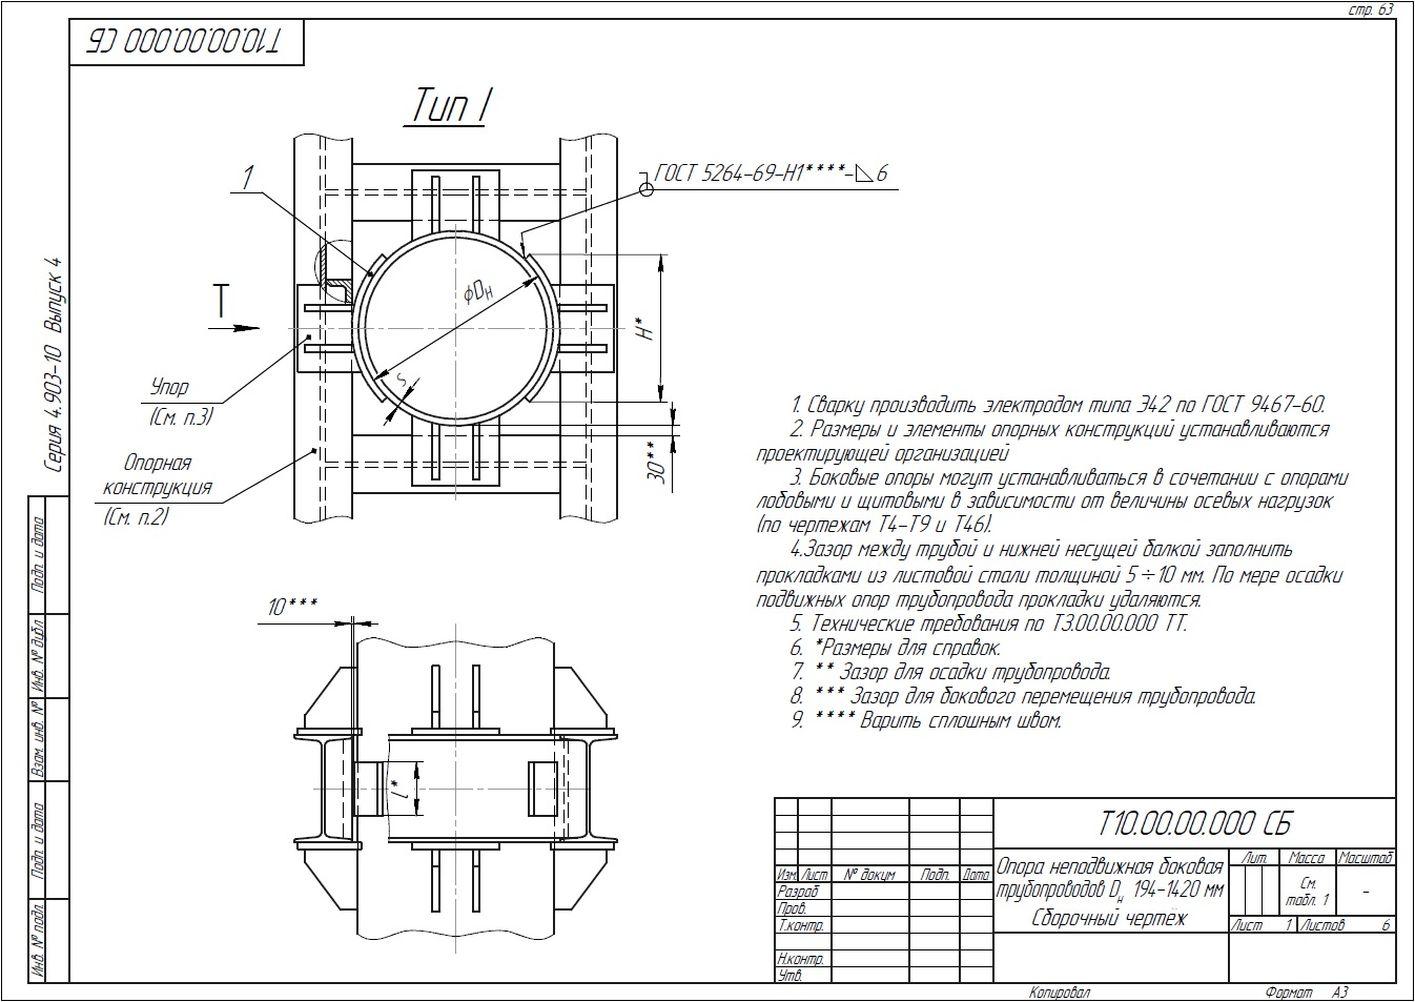 Опора неподвижная боковая Т10 серия 4.903-10 вып.4 стр.1